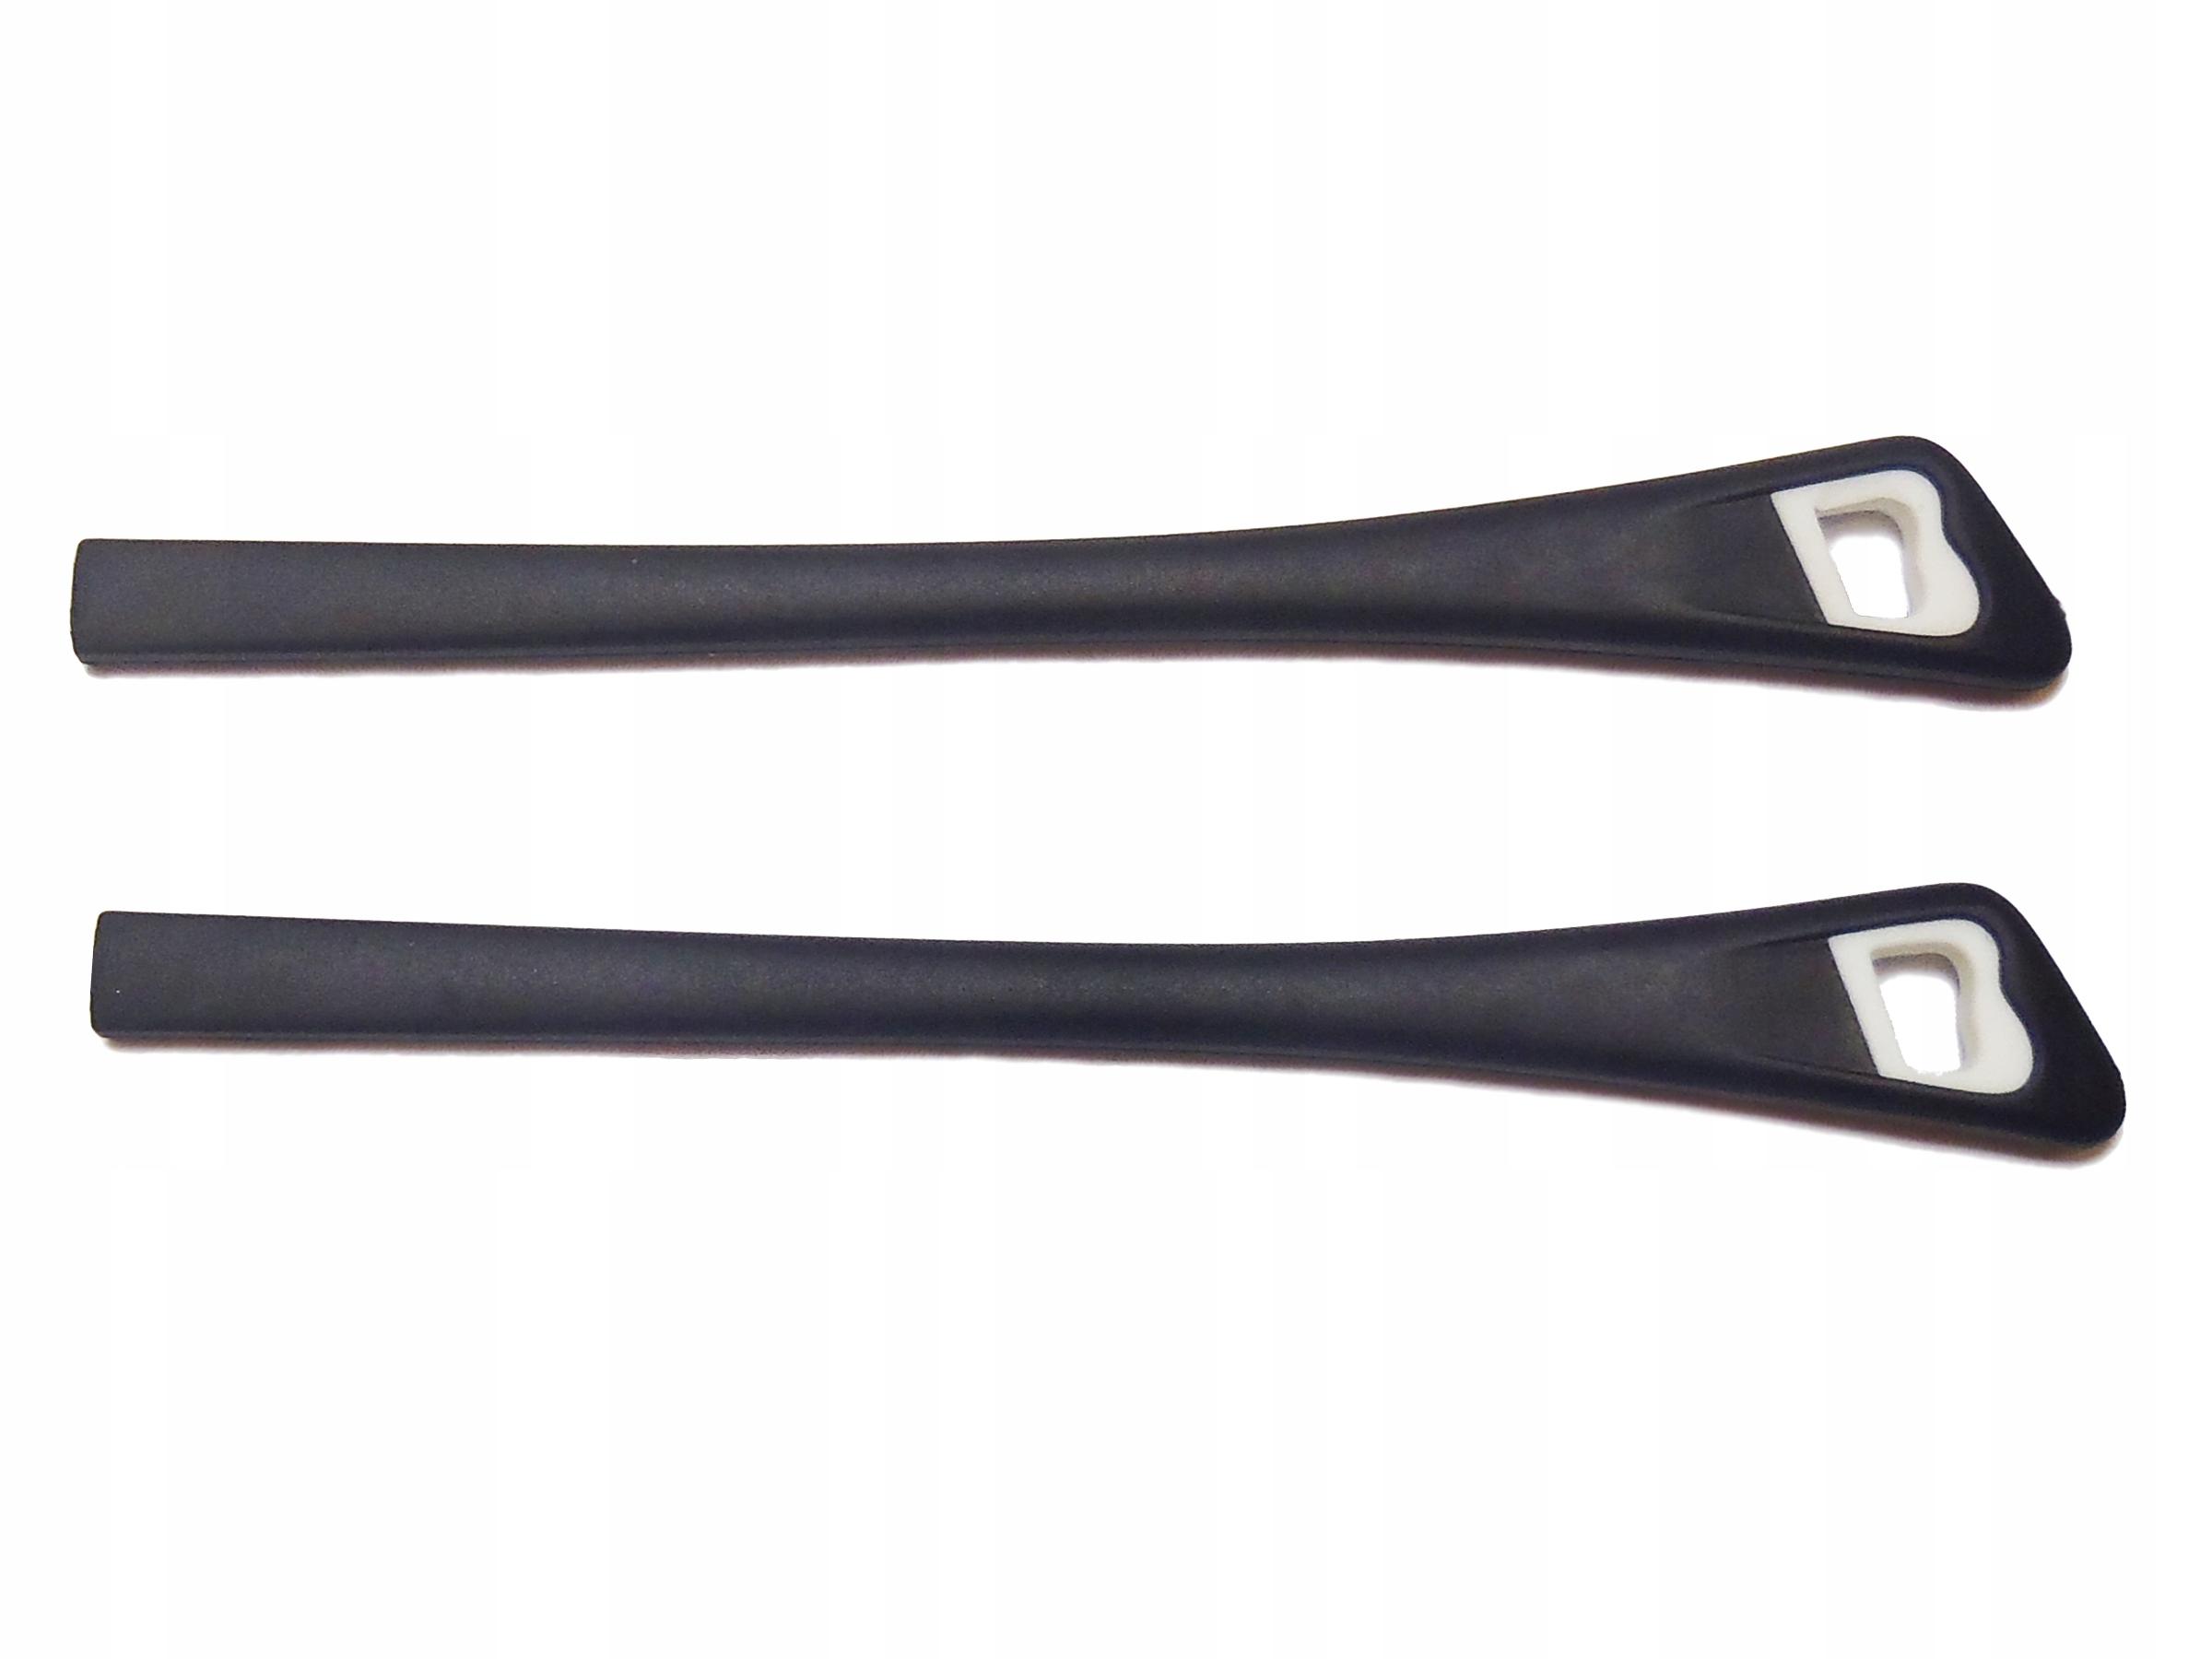 Nakladki Na Zauszniki Okularow Black Amp White 7684410628 Allegro Pl